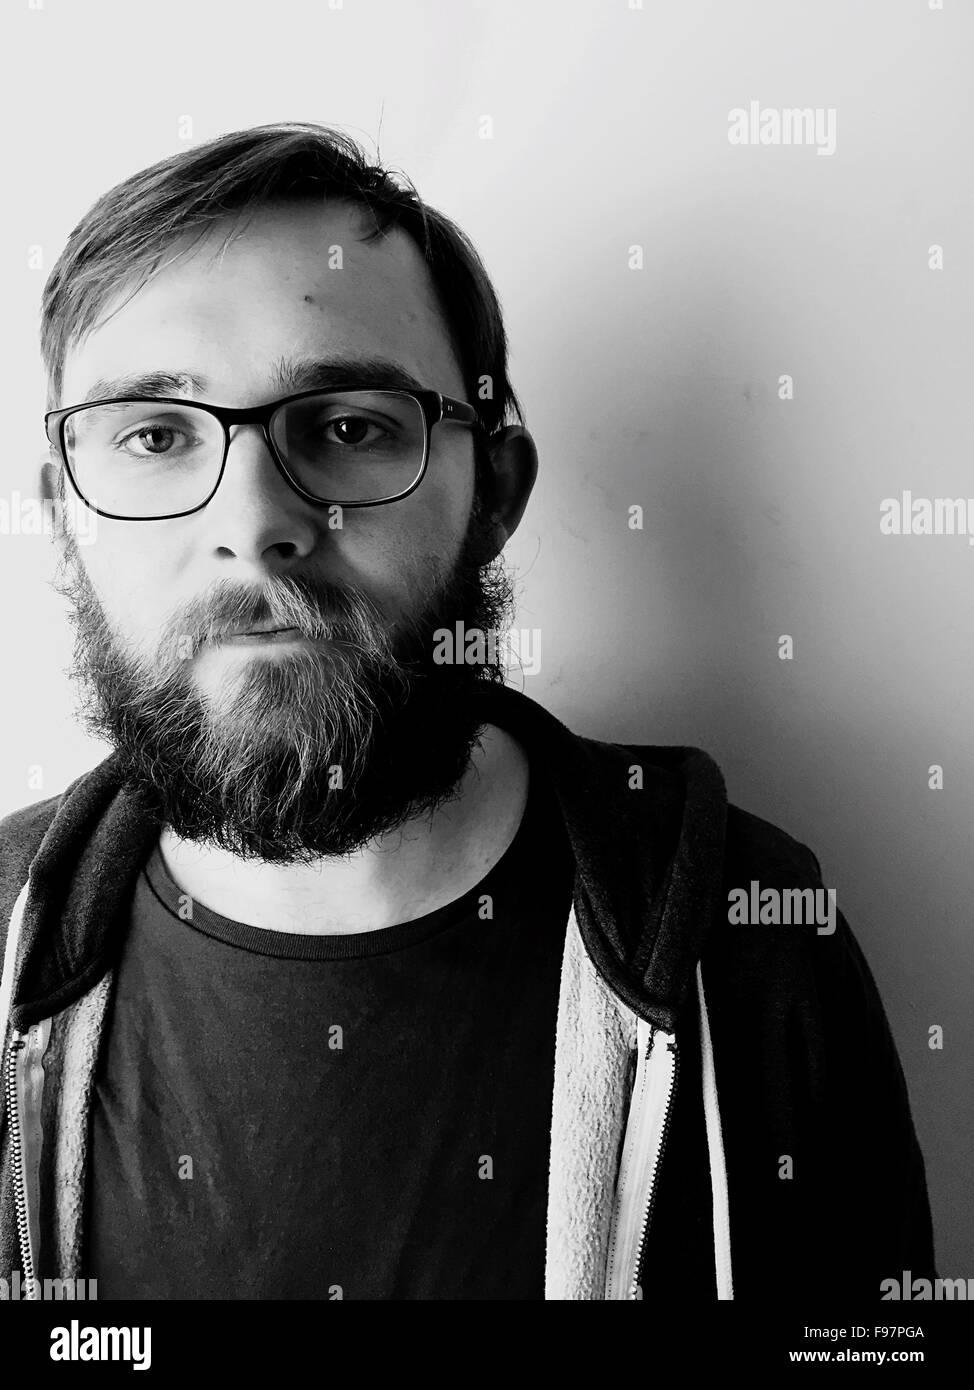 Ritratto di Uomo con occhiali in piedi contro la parete a casa Immagini Stock